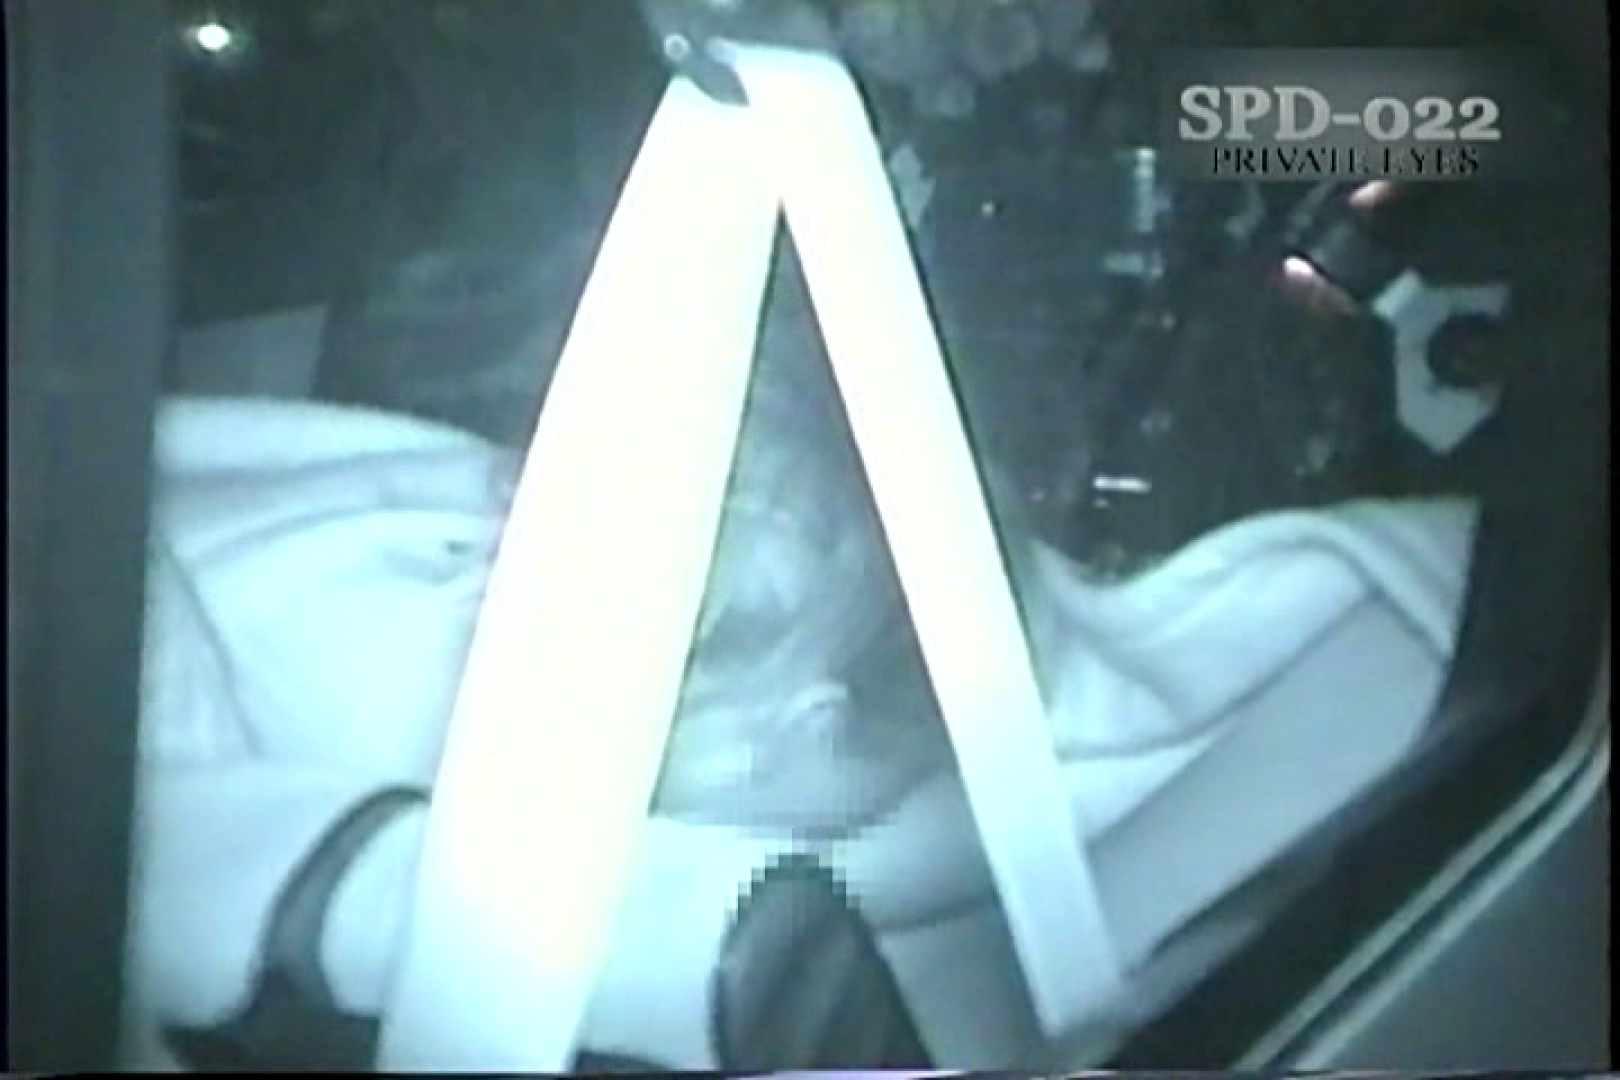 高画質版!SPD-022 盗撮 カーセックス黙示録 2 高画質 すけべAV動画紹介 96pic 80